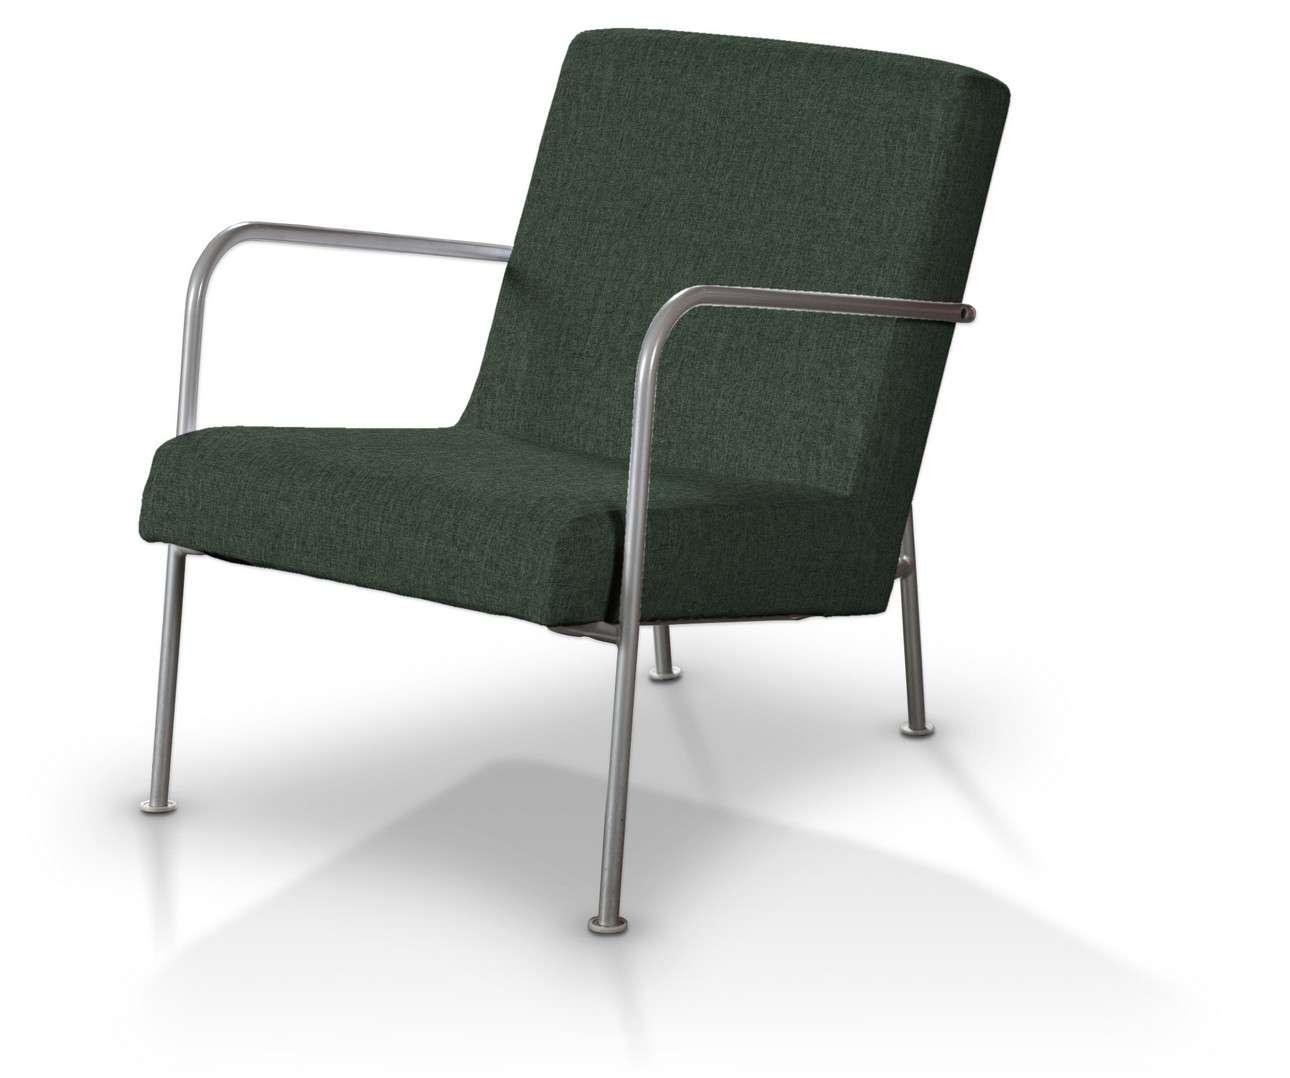 Pokrowiec na fotel Ikea PS w kolekcji City, tkanina: 704-81